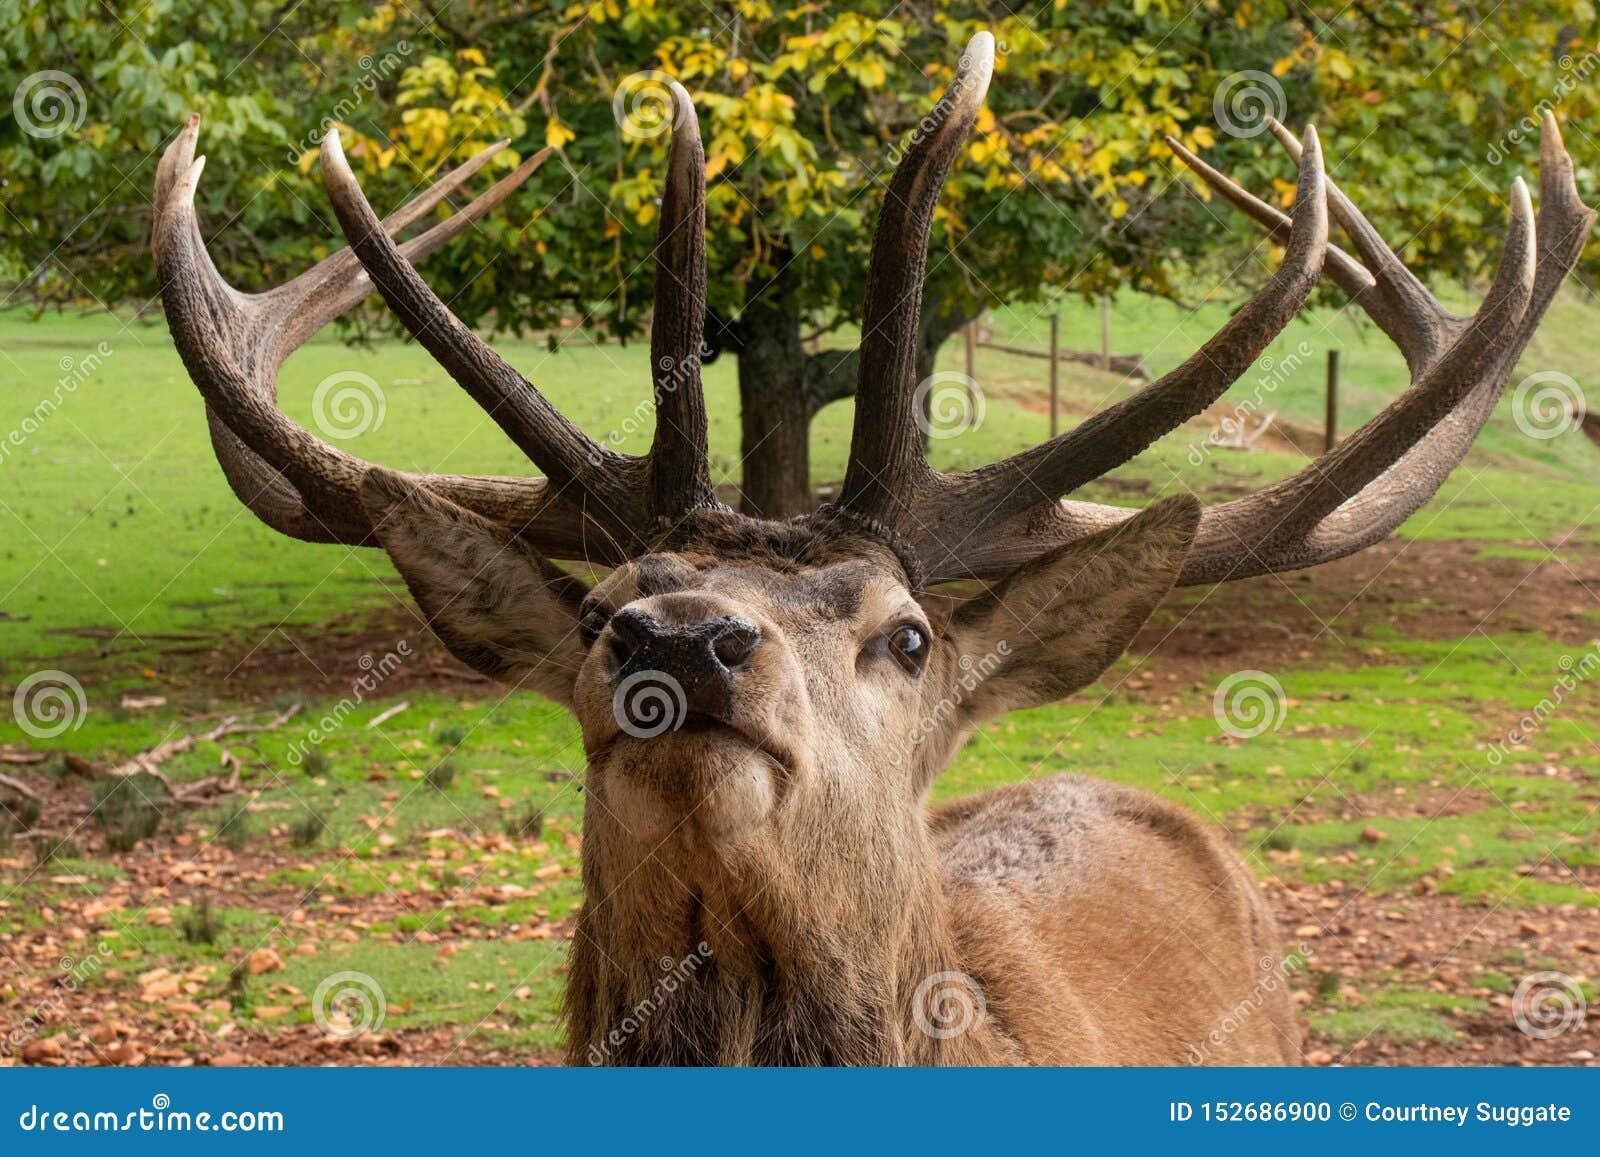 Frontowy profil wystawia ampuła rogi jeleń